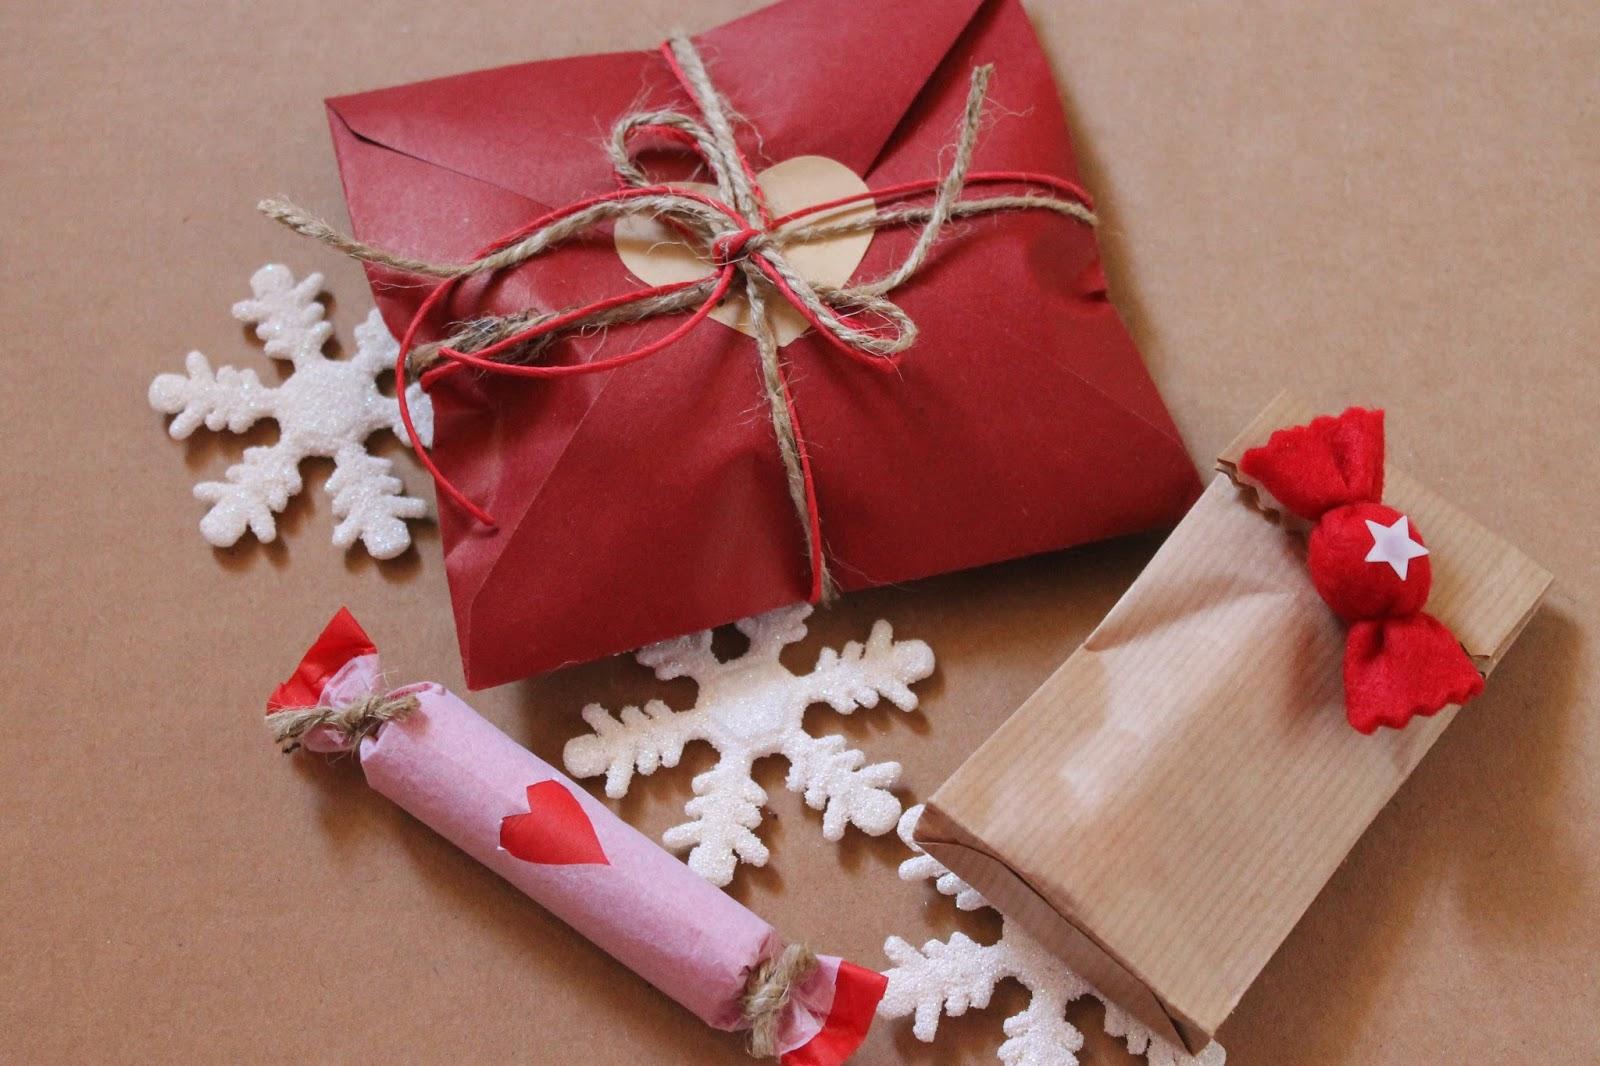 Idee Pacco Regalo Natale.Parole Burrocacao Idee Pacchetti Regalo Per Natale Facili